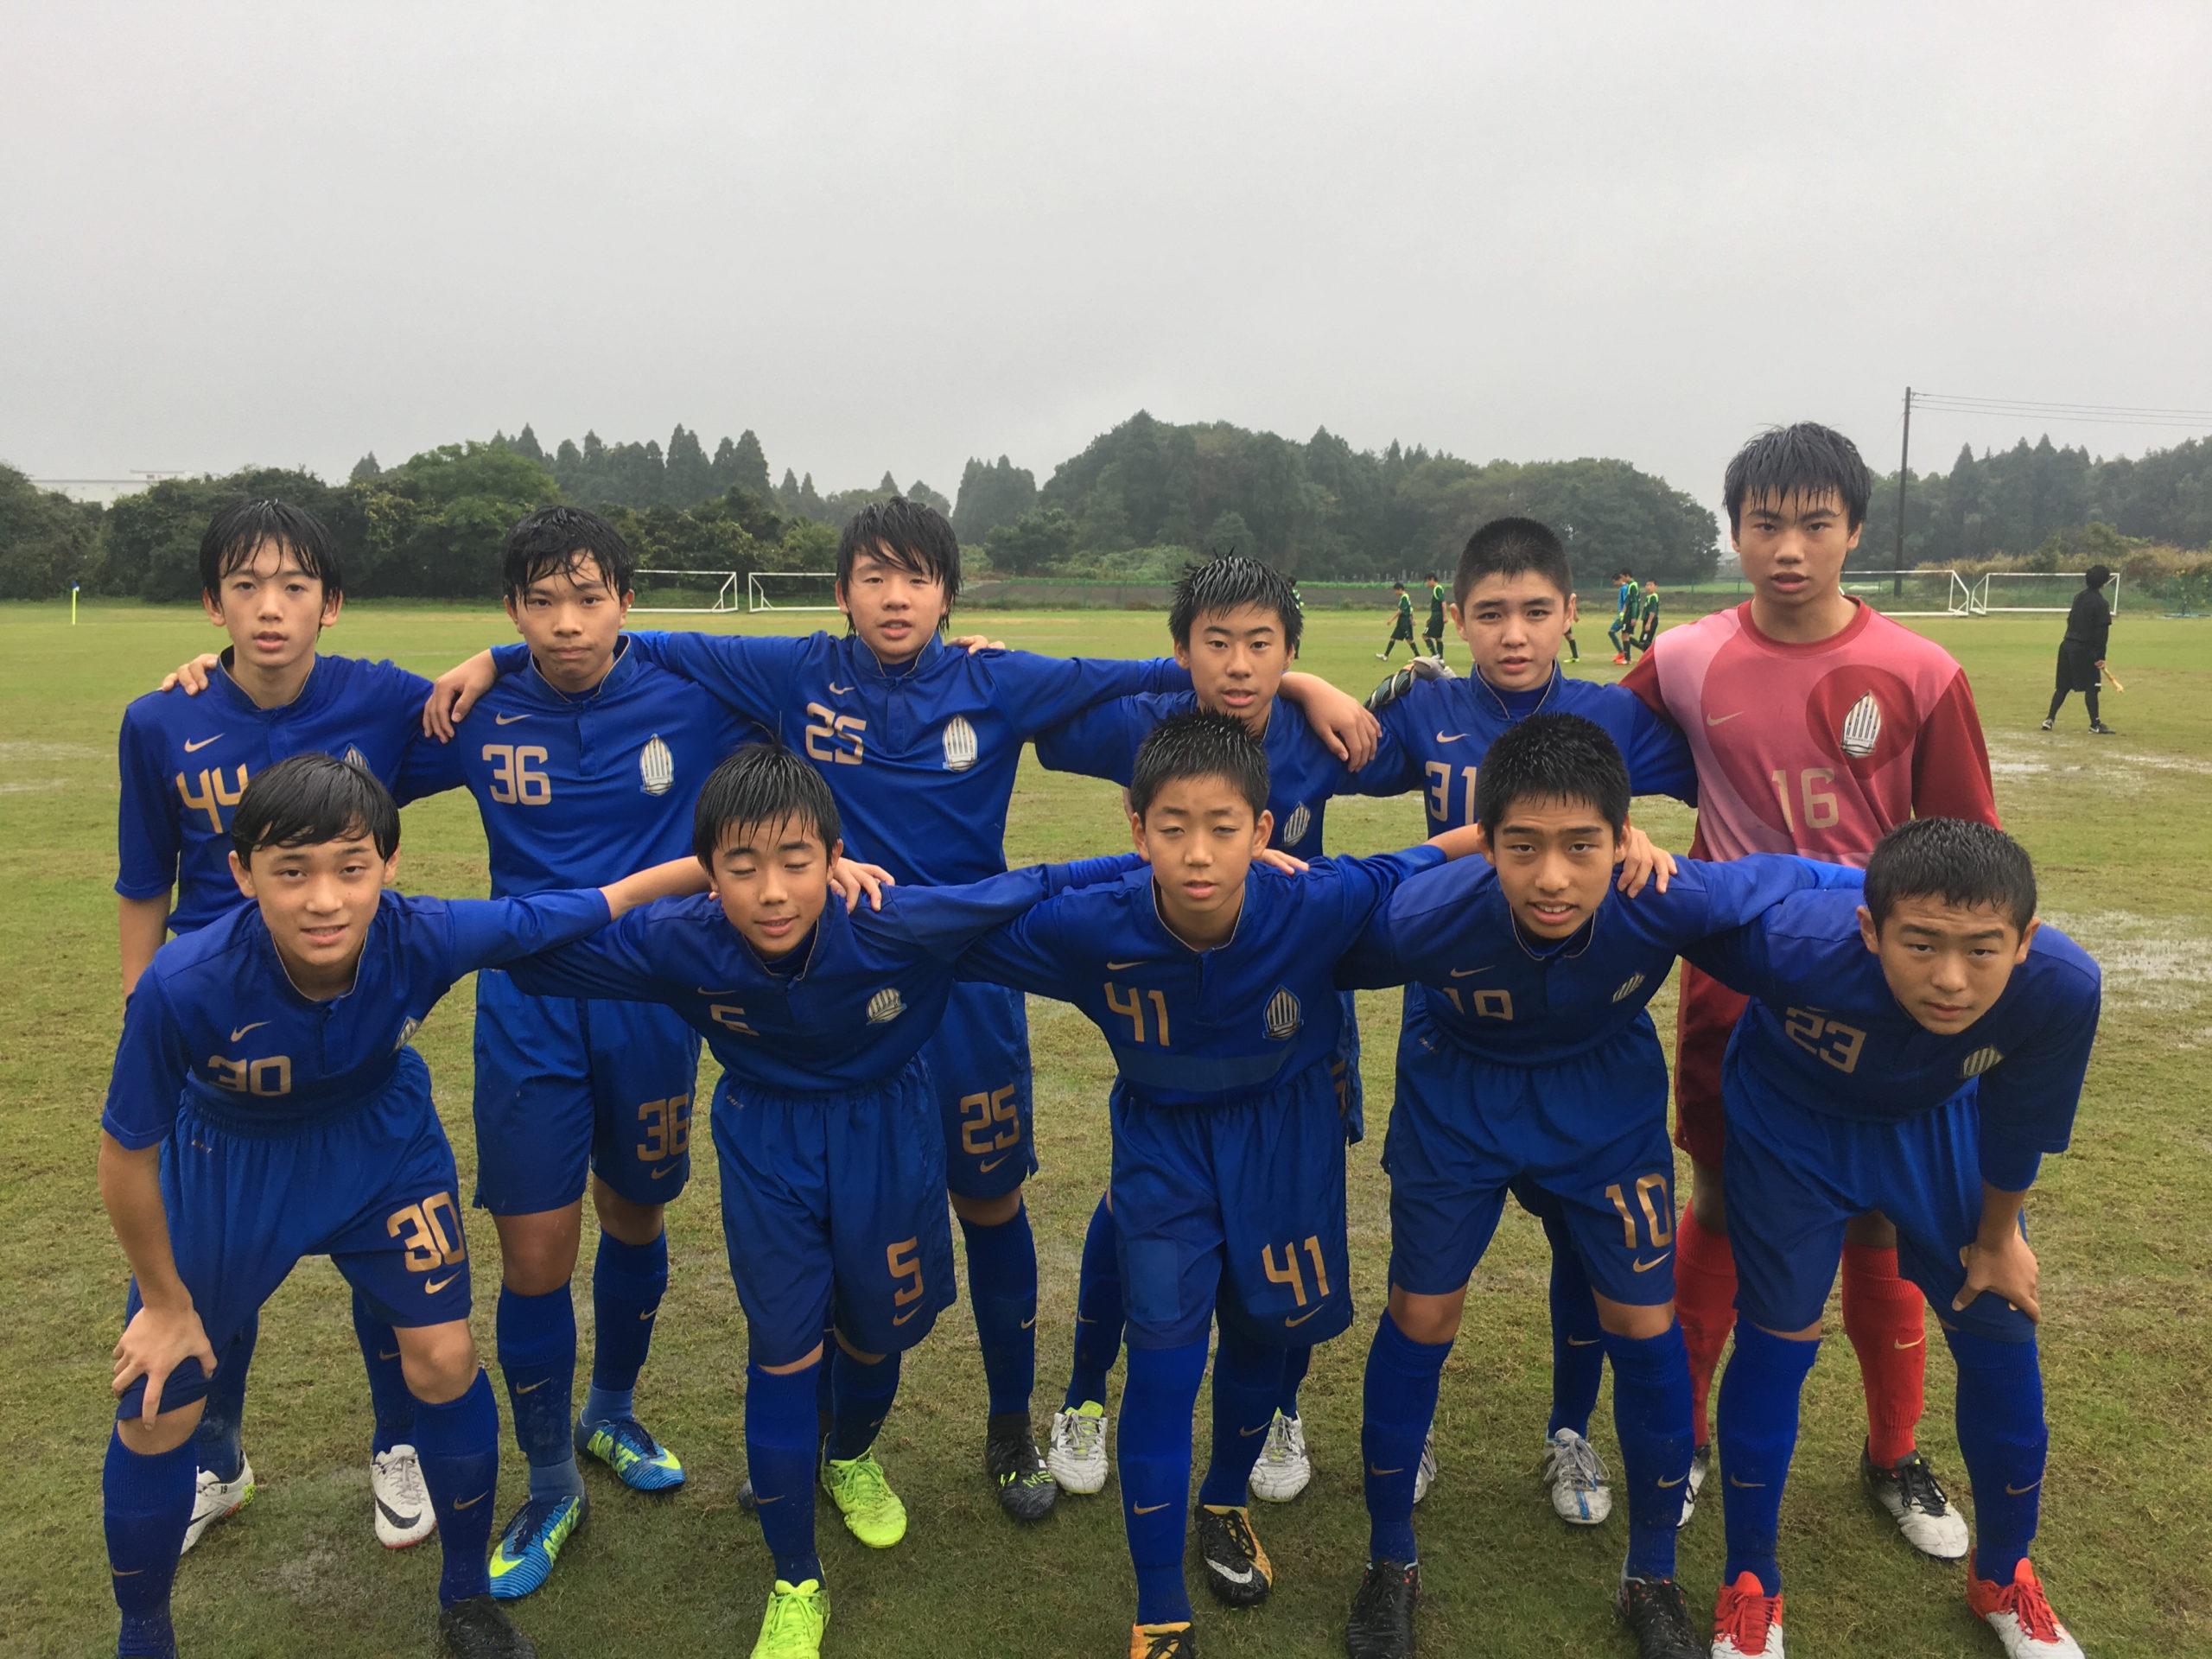 【U14】第8回千葉県クラブユース(U-15)サッカー連盟 U-14リーグ